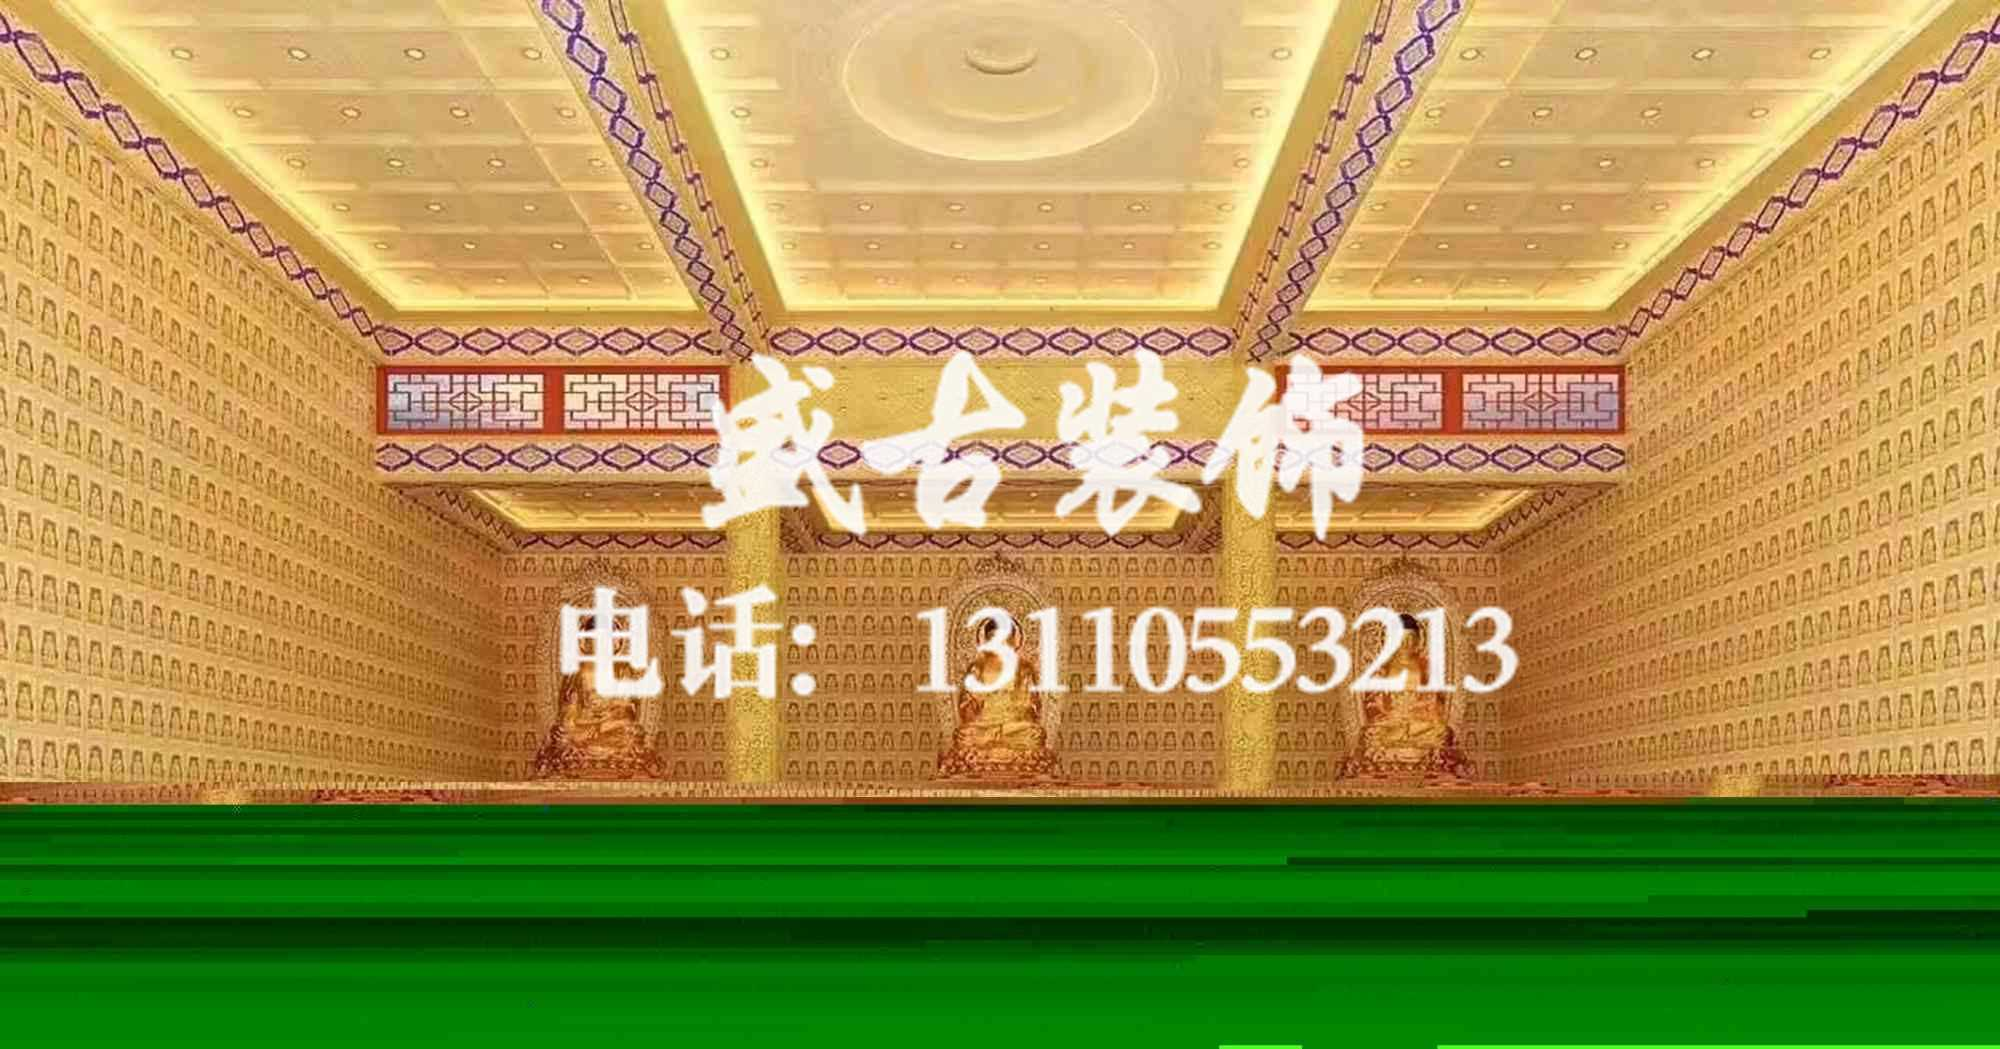 gu建吊顶寺庙,出售泉州新shi的福建寺庙gu建吊顶